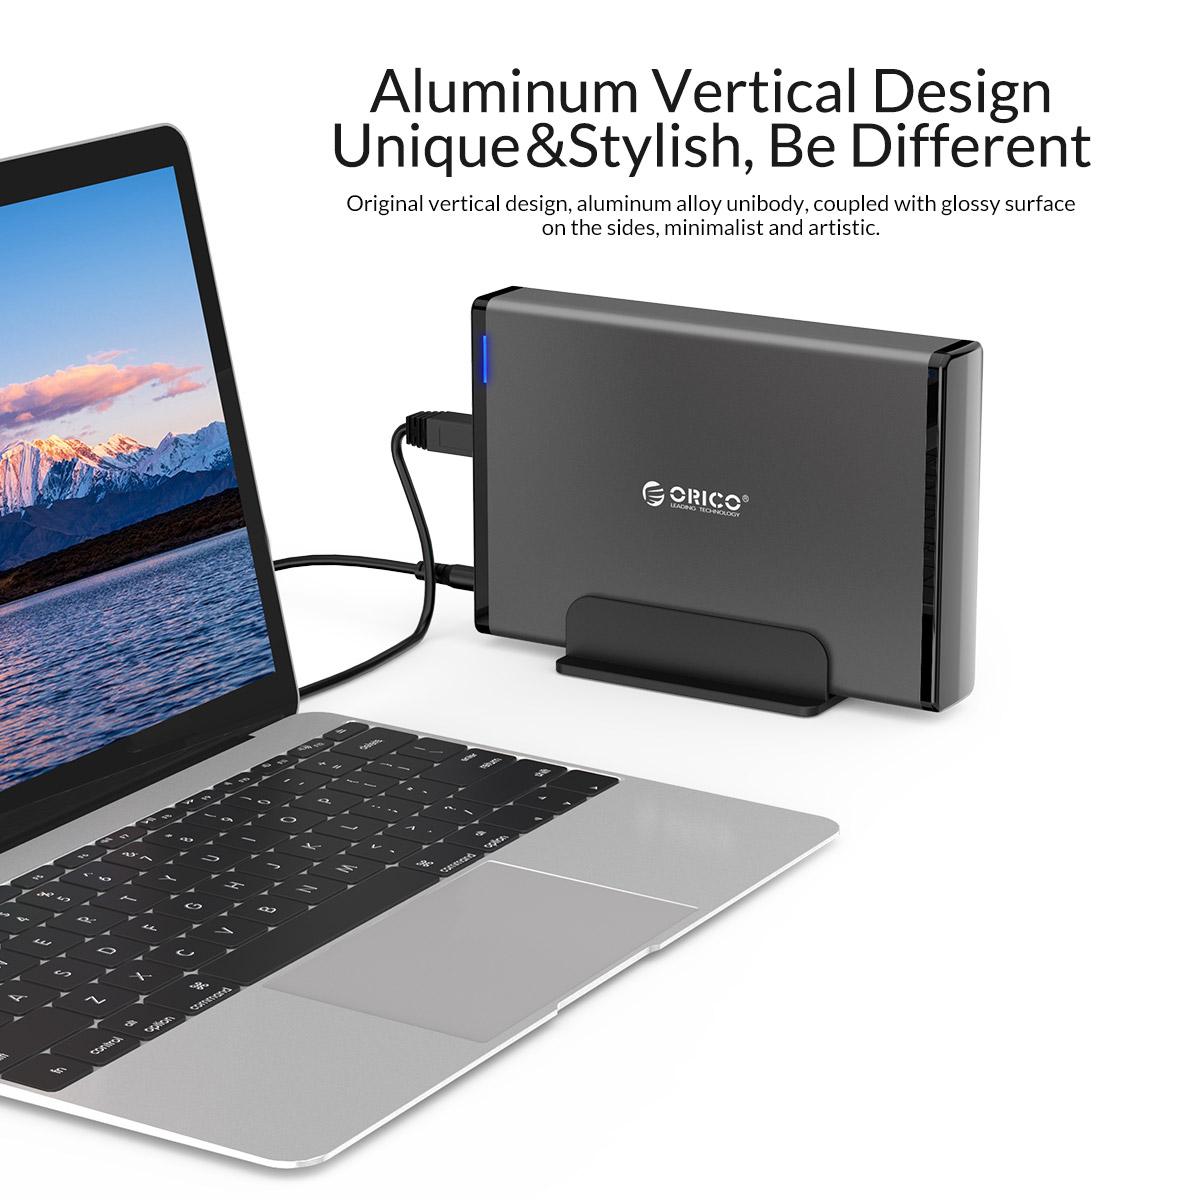 مشخصات و قیمت خرید و فروش باکس اکسترنال هارد دیسک 3.5 اینچ USB3.0 اوریکو مدل 7688U3-EU-BK-BP